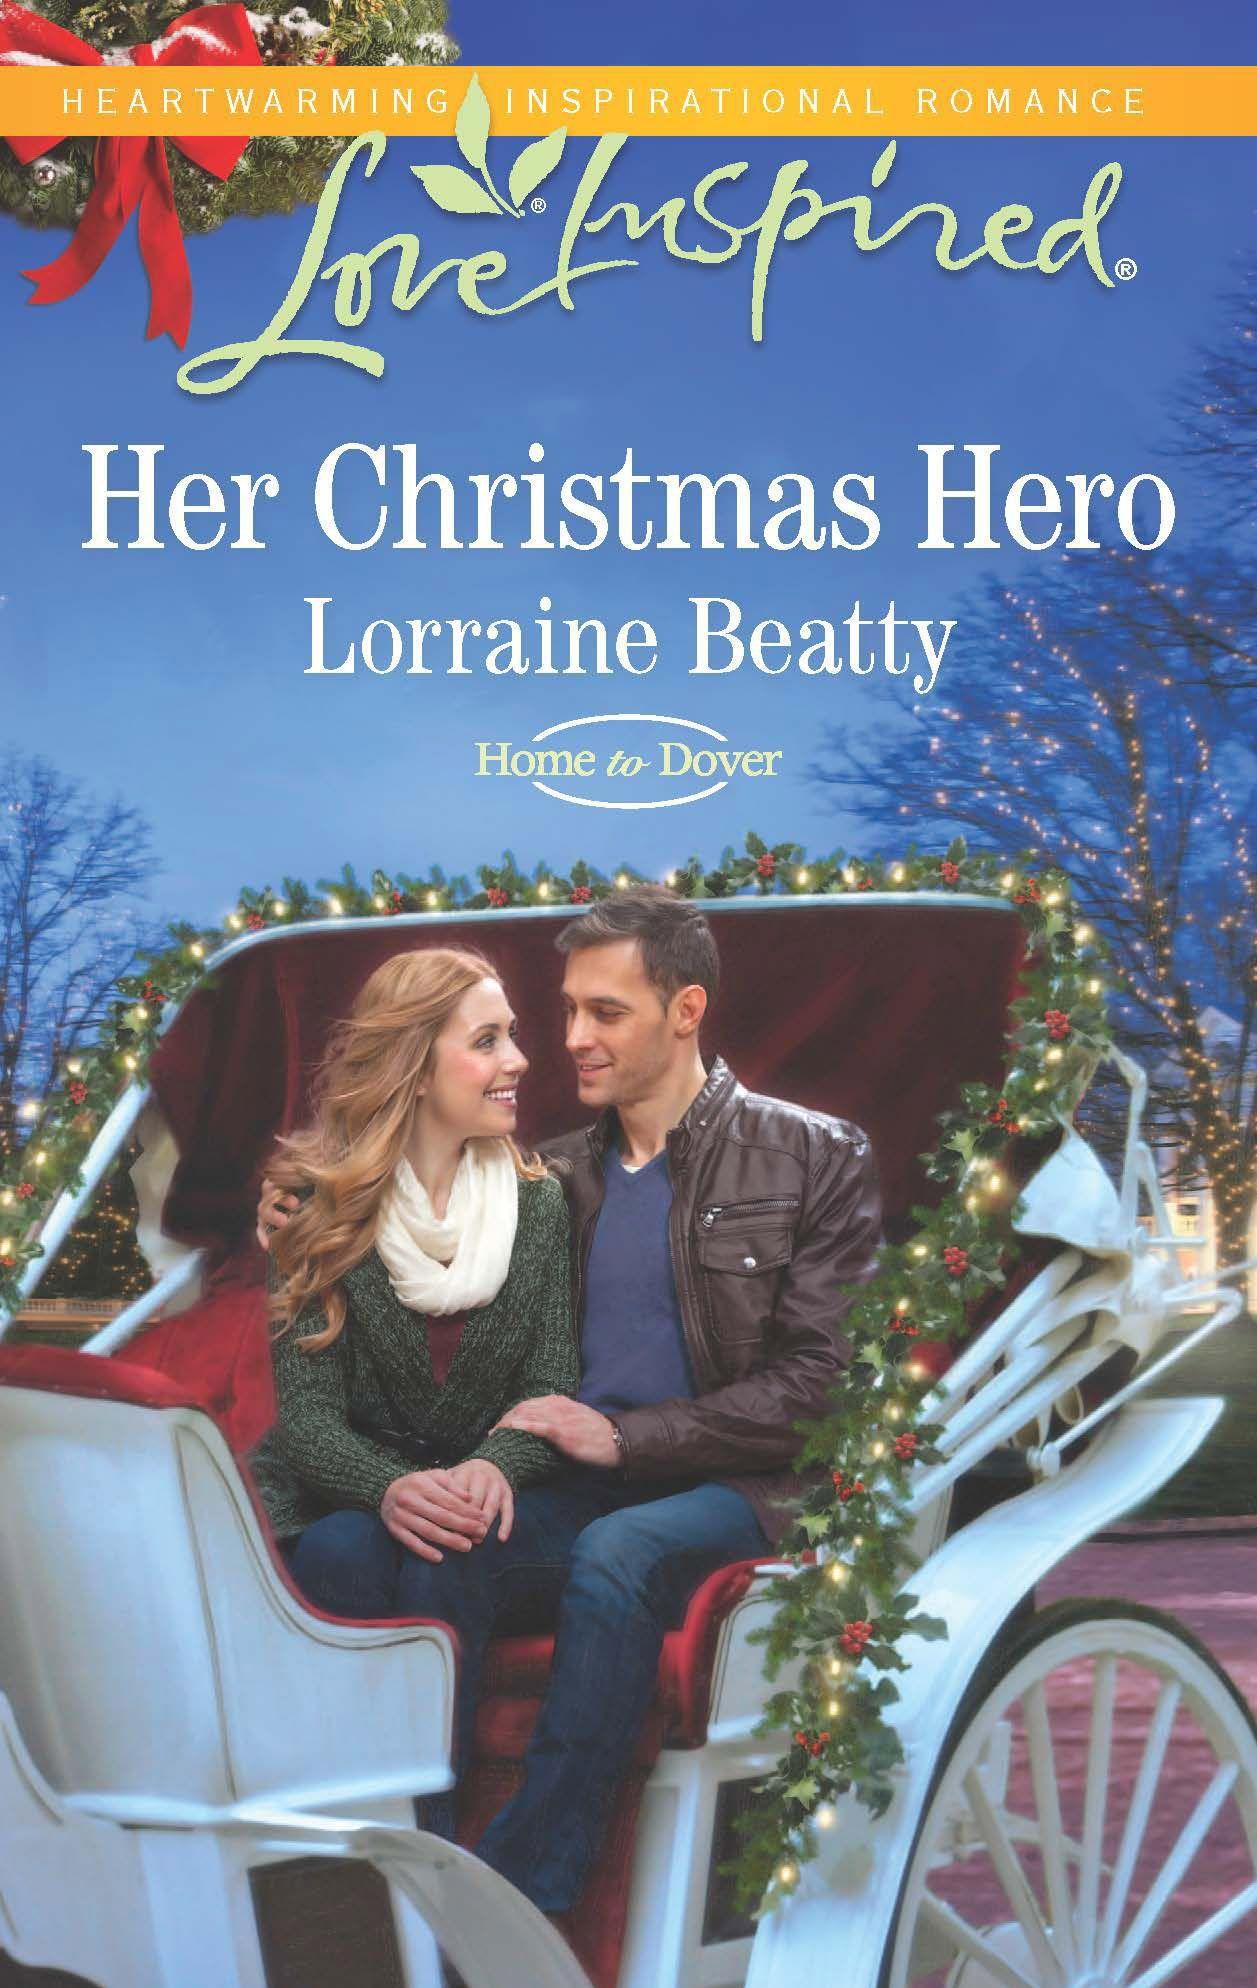 Pin von Lorraine Beatty auf Her Christmas Hero | Pinterest